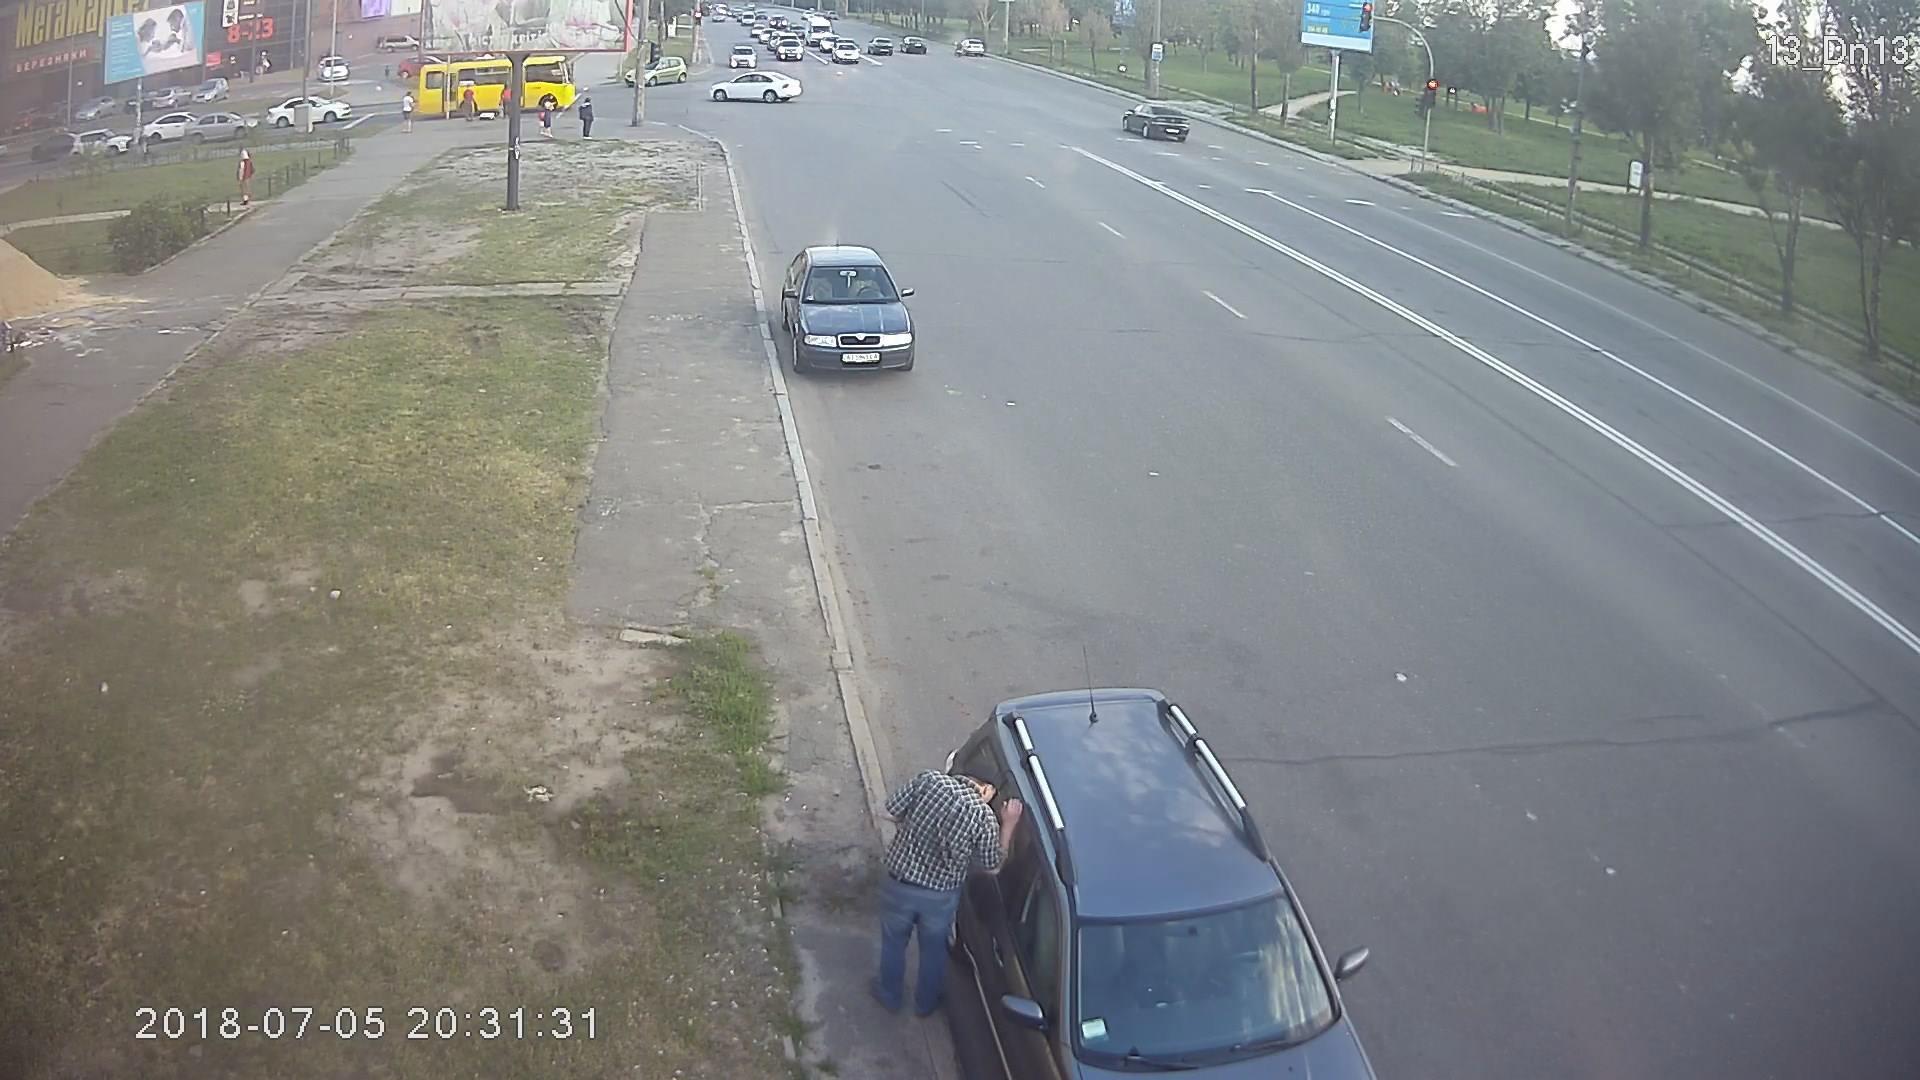 Как преступники грабят автомобилистов в людных местах 1